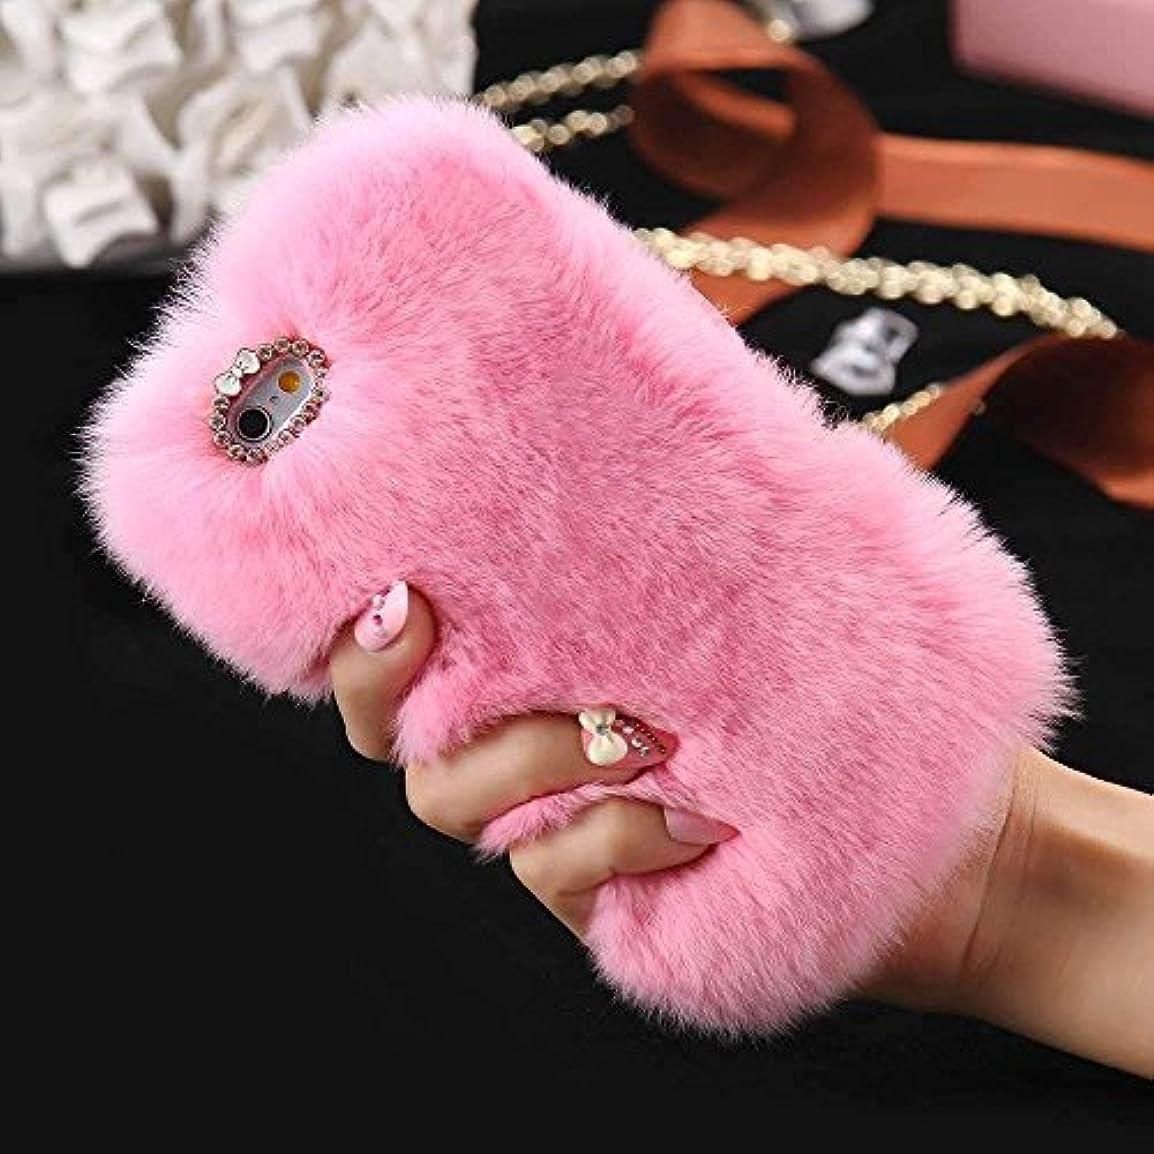 電話特権的メディカルiPhone 7 ケース おしゃれ INorton 保護カバー 耐衝撃 軽量 薄型 女の子 かわいい 冬に最適 iPhone 7対応